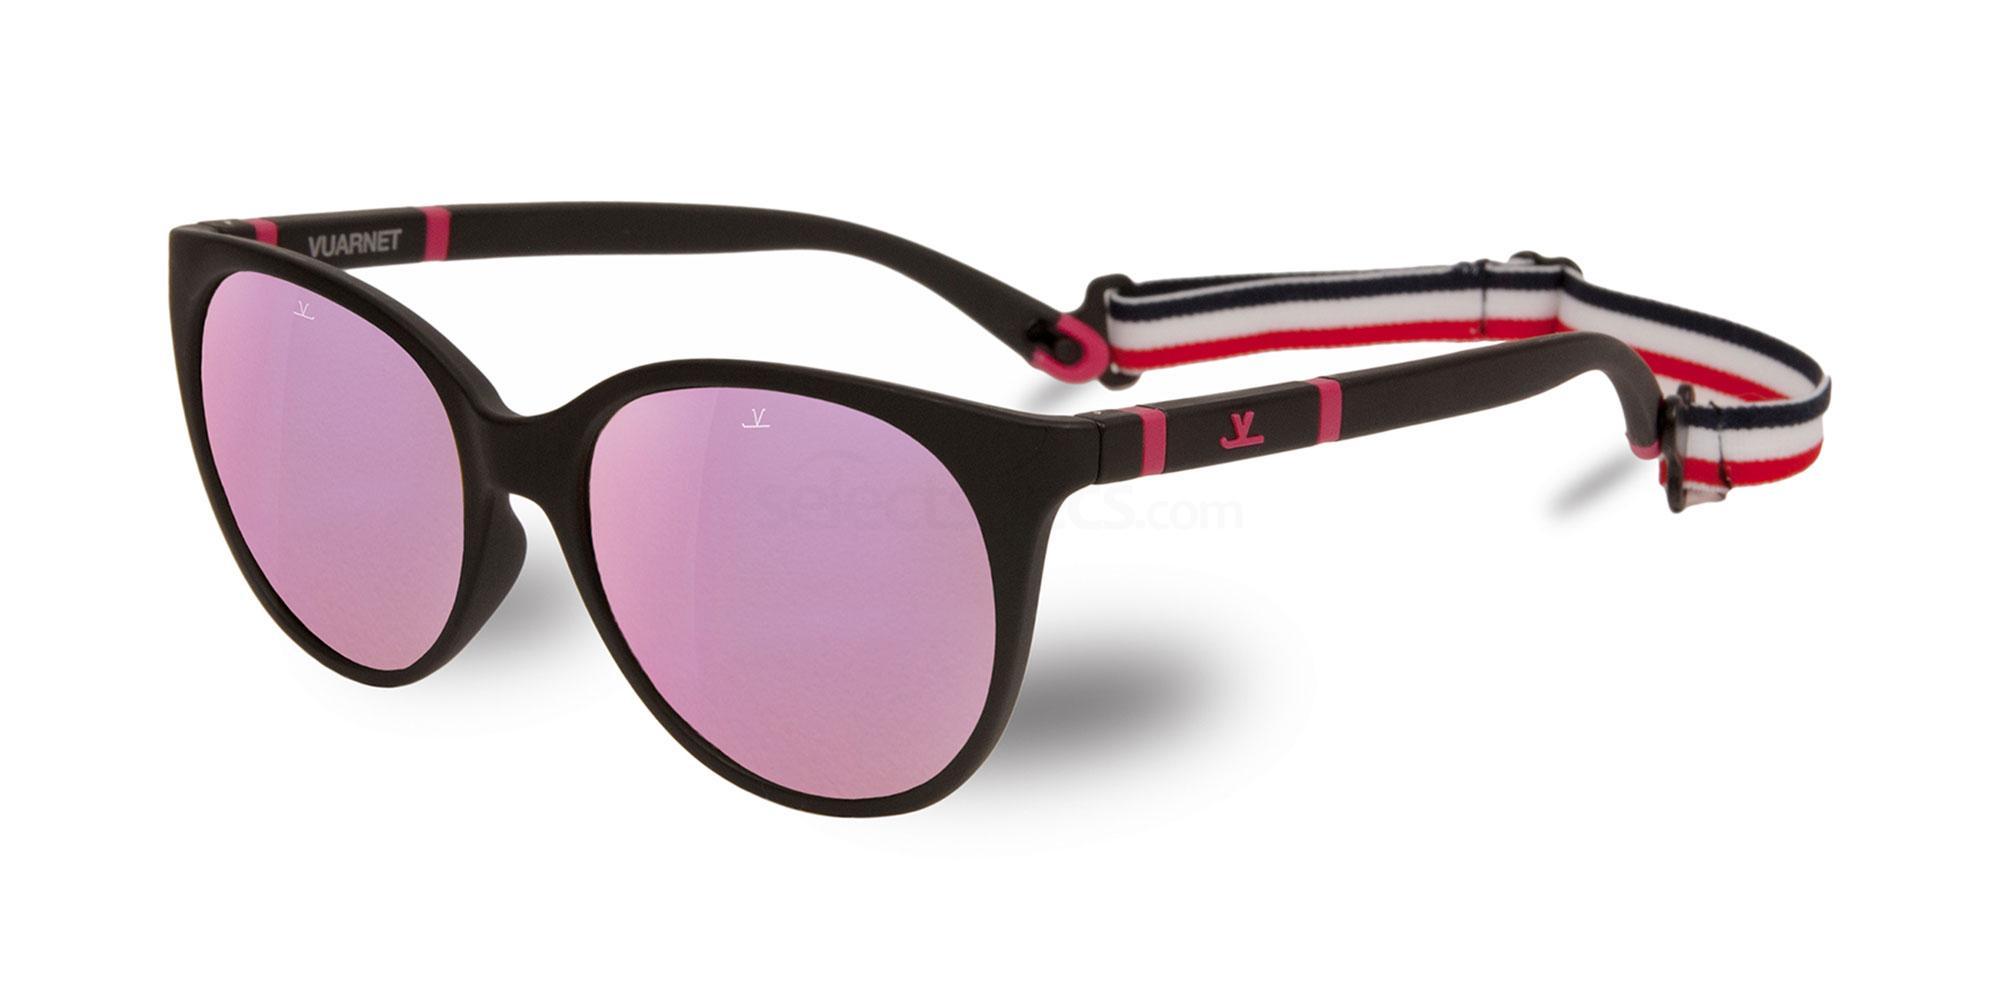 VL170600012244 VL1706 (6-12 yesrs) Sunglasses, Vuarnet KIDS